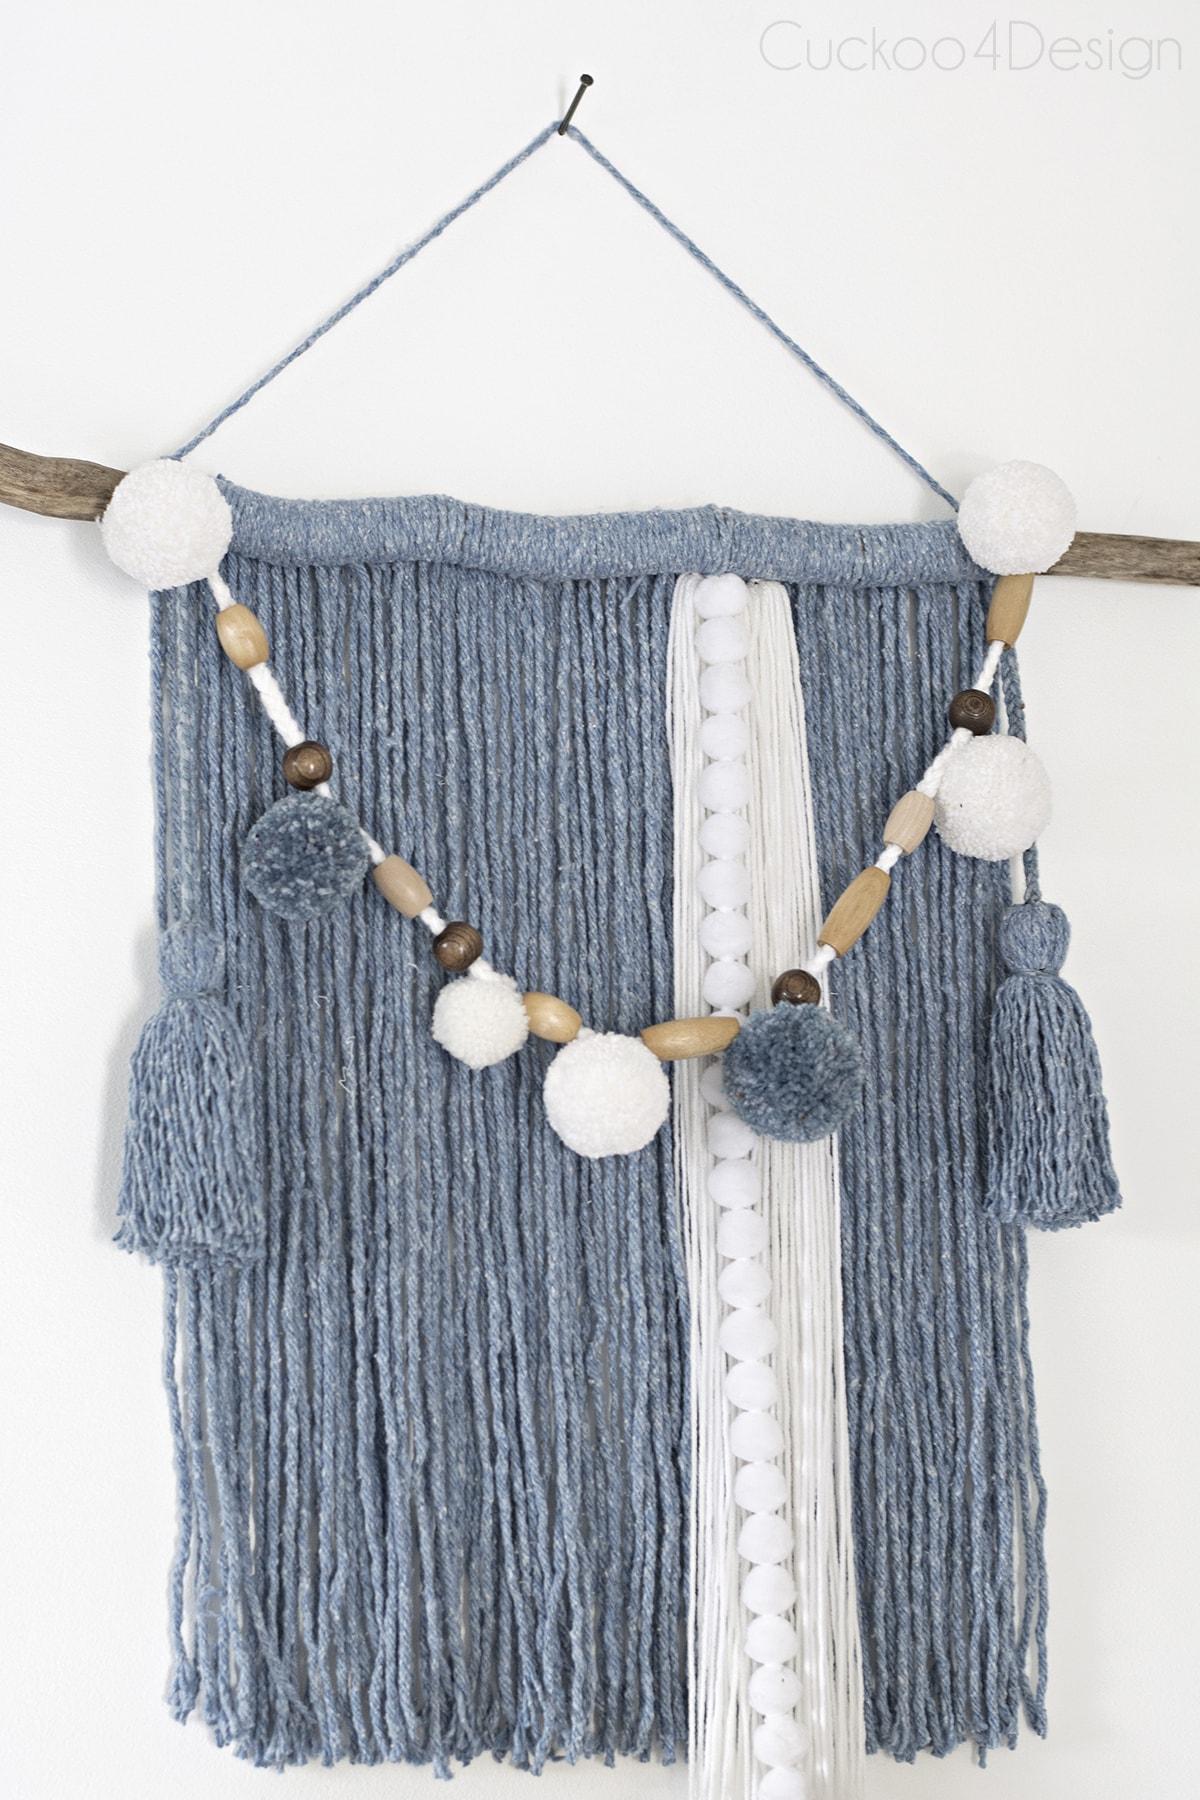 mop head yarn wall hanging